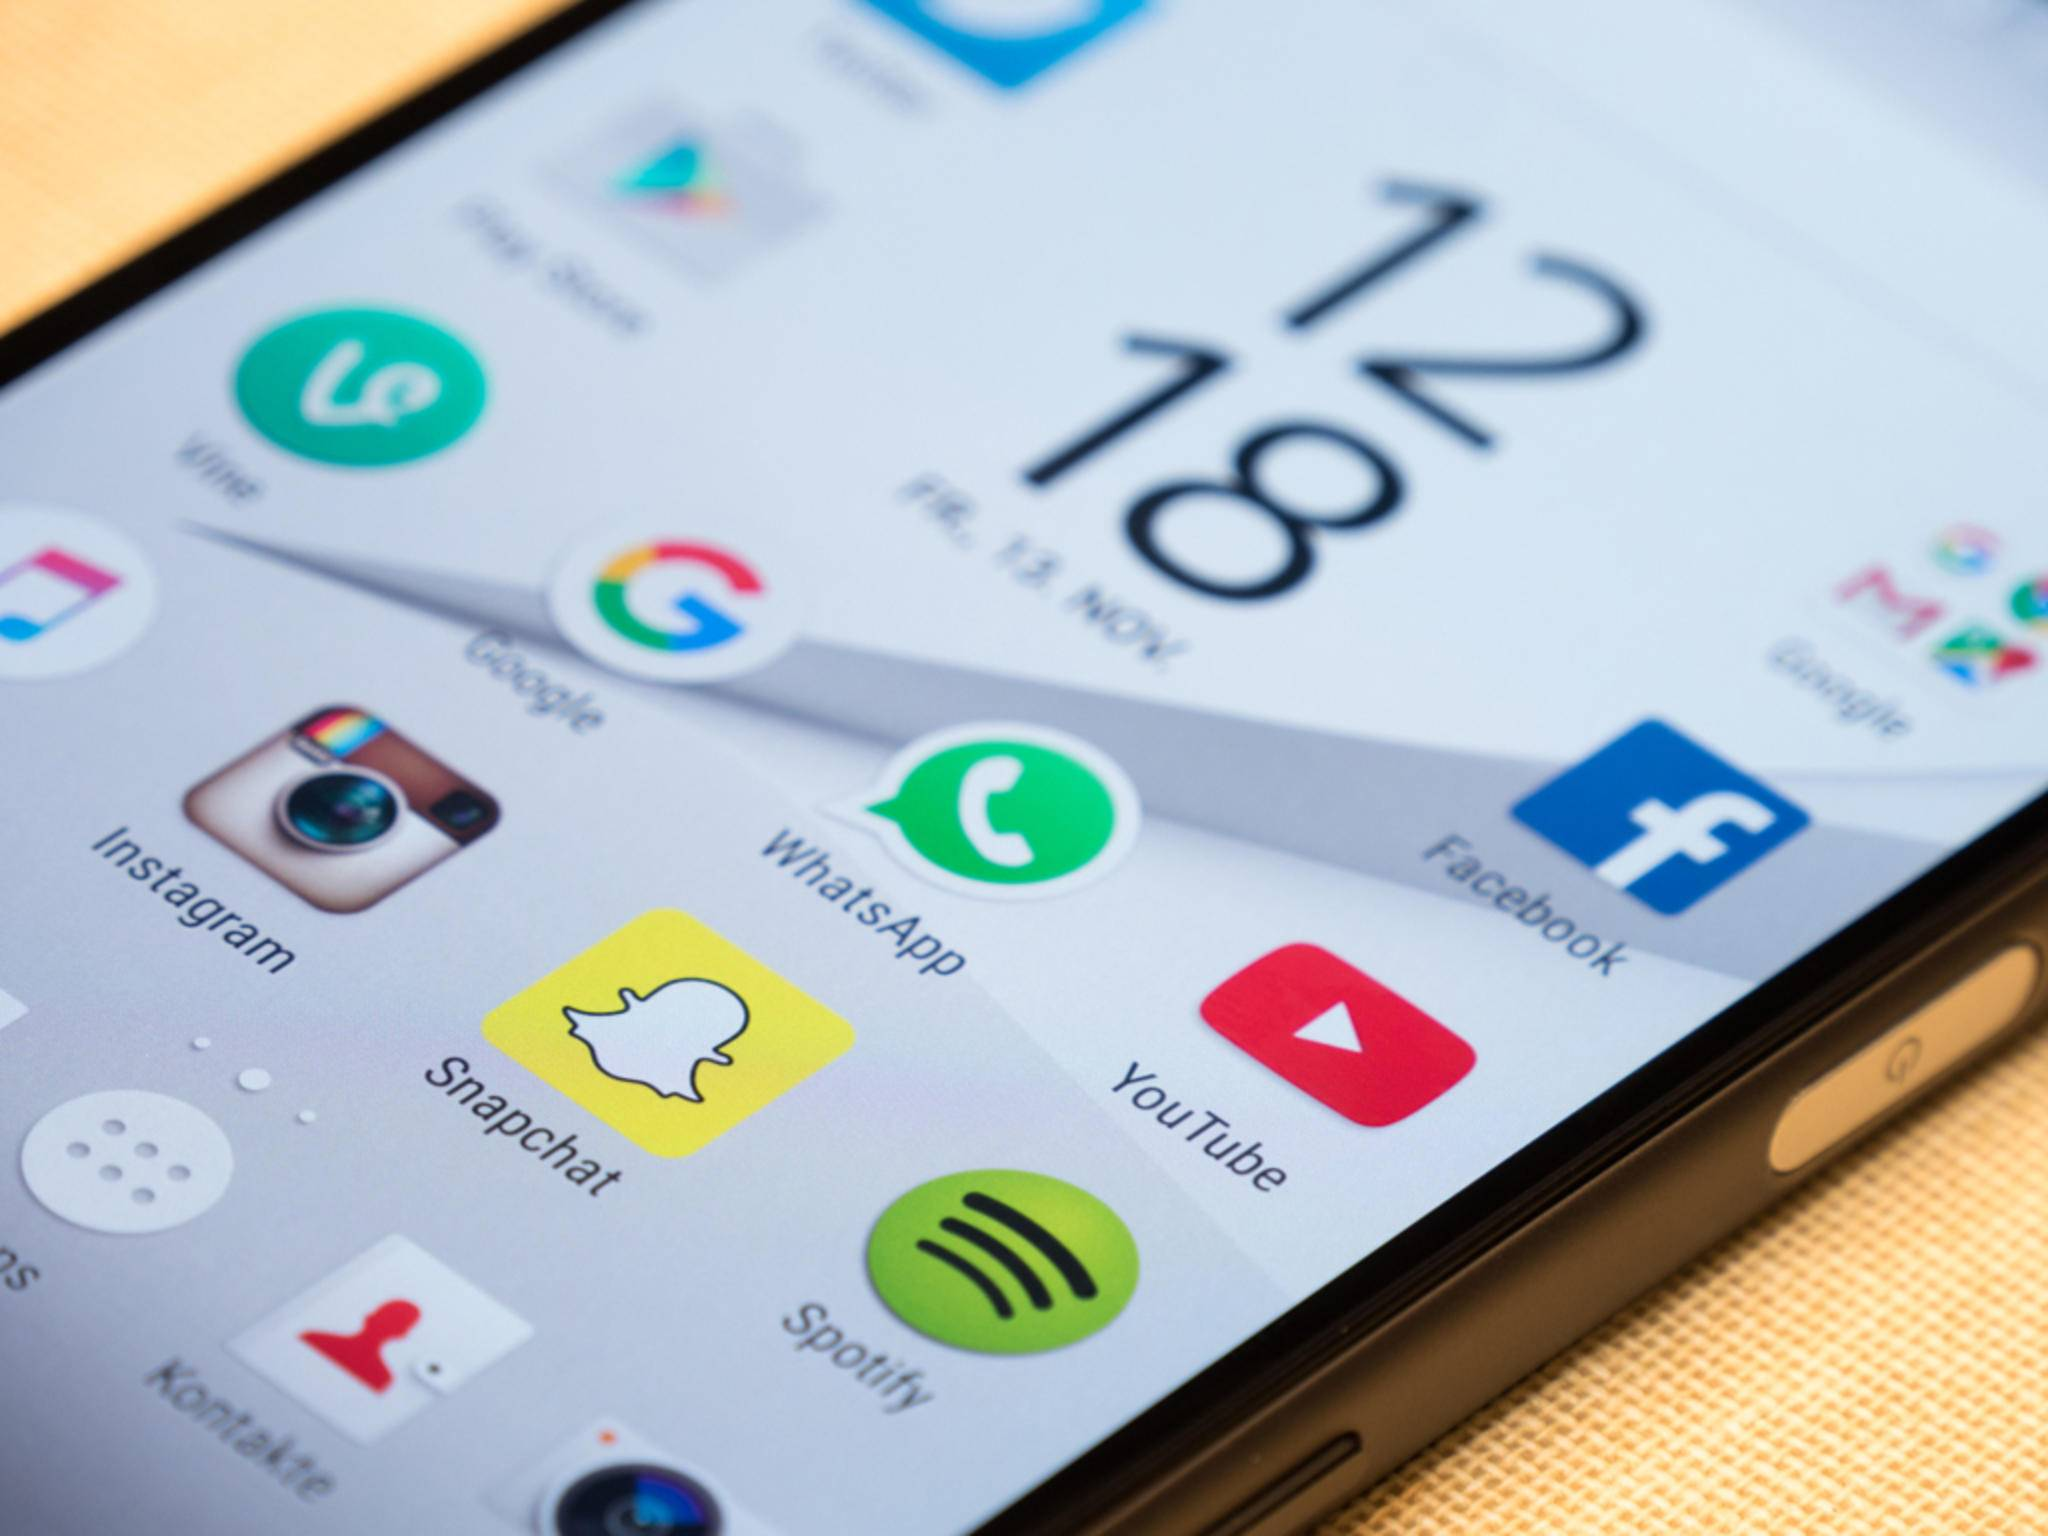 Wird es Smartphone-Apps, wie wir sie kennen, bald nicht mehr geben?